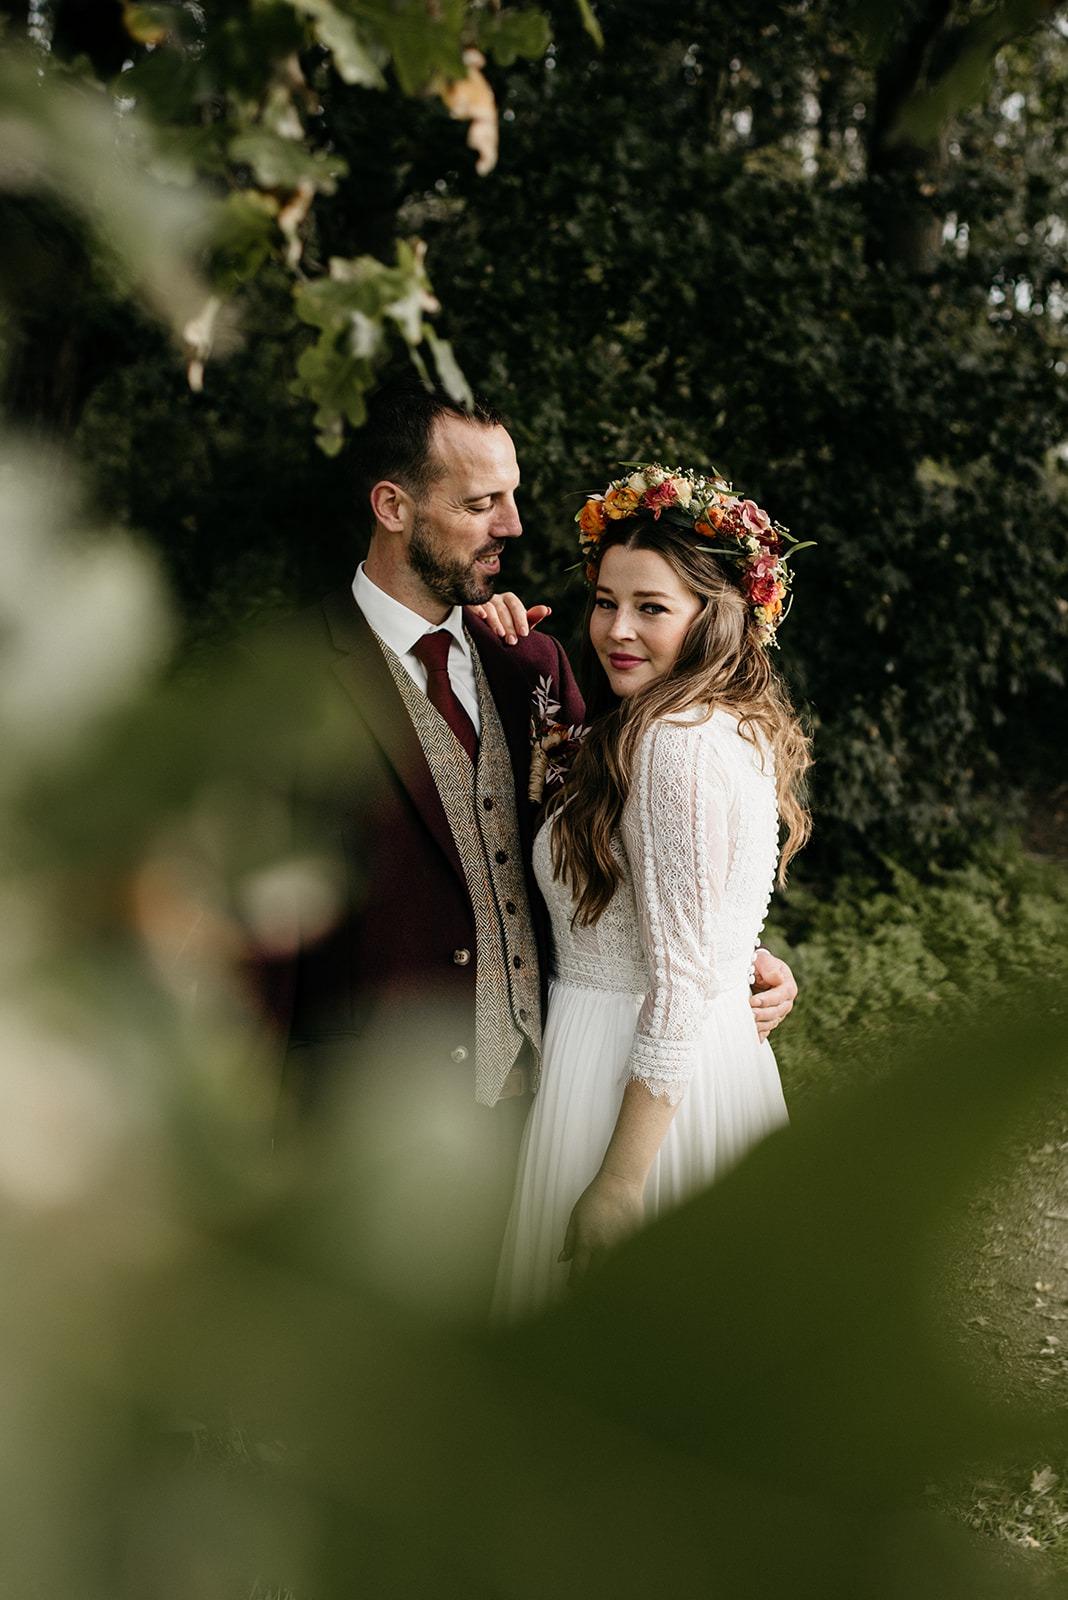 Man kijkt naar zijn vrouw in het bos